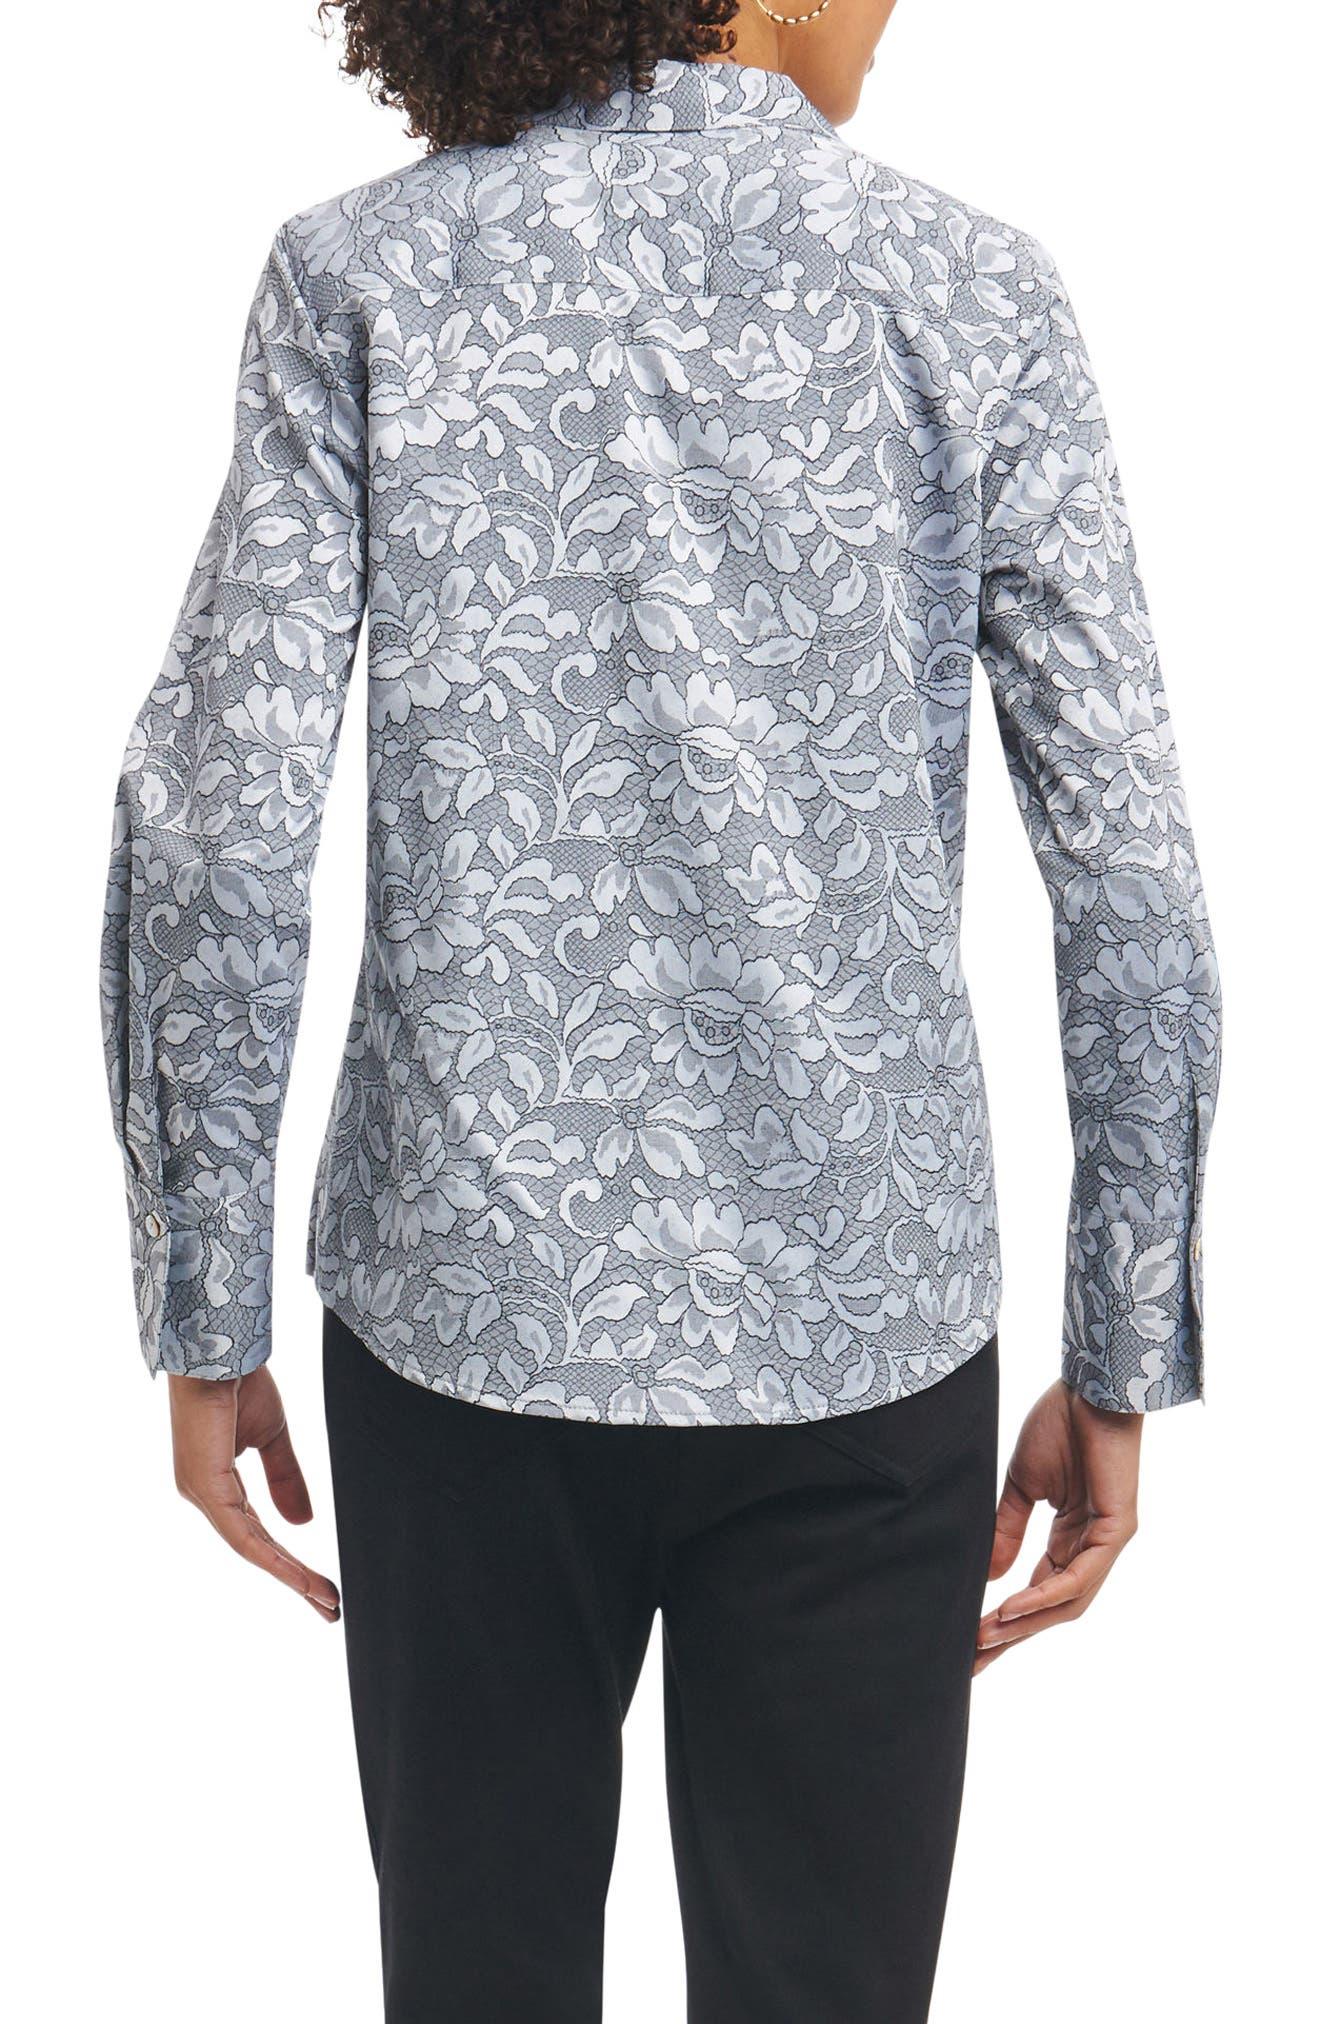 Rhonda Wrinkle Free Lace Jacquard Shirt,                             Alternate thumbnail 2, color,                             Slate